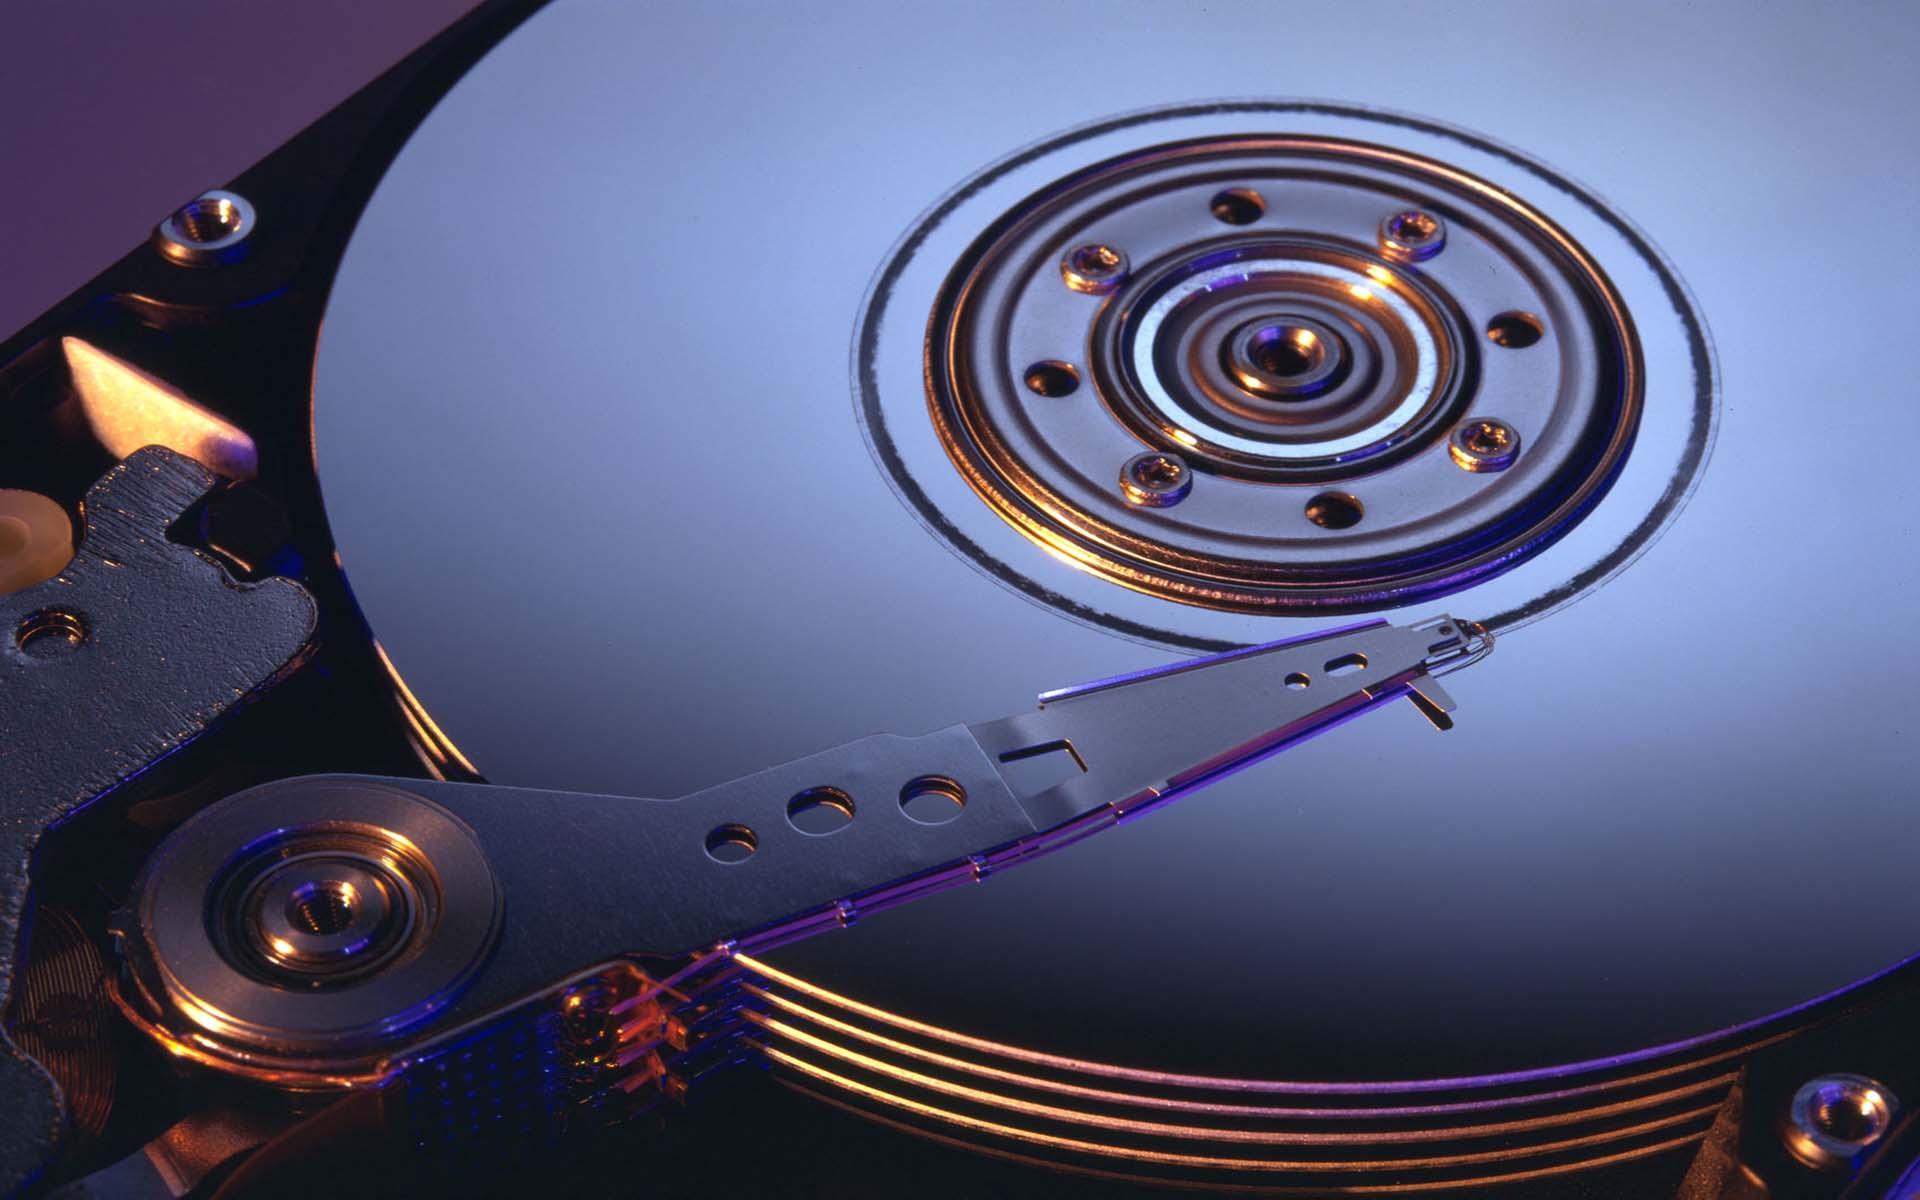 Pesquisadores da IBM batem recorde ao armazenar 330 TB em fita magnética